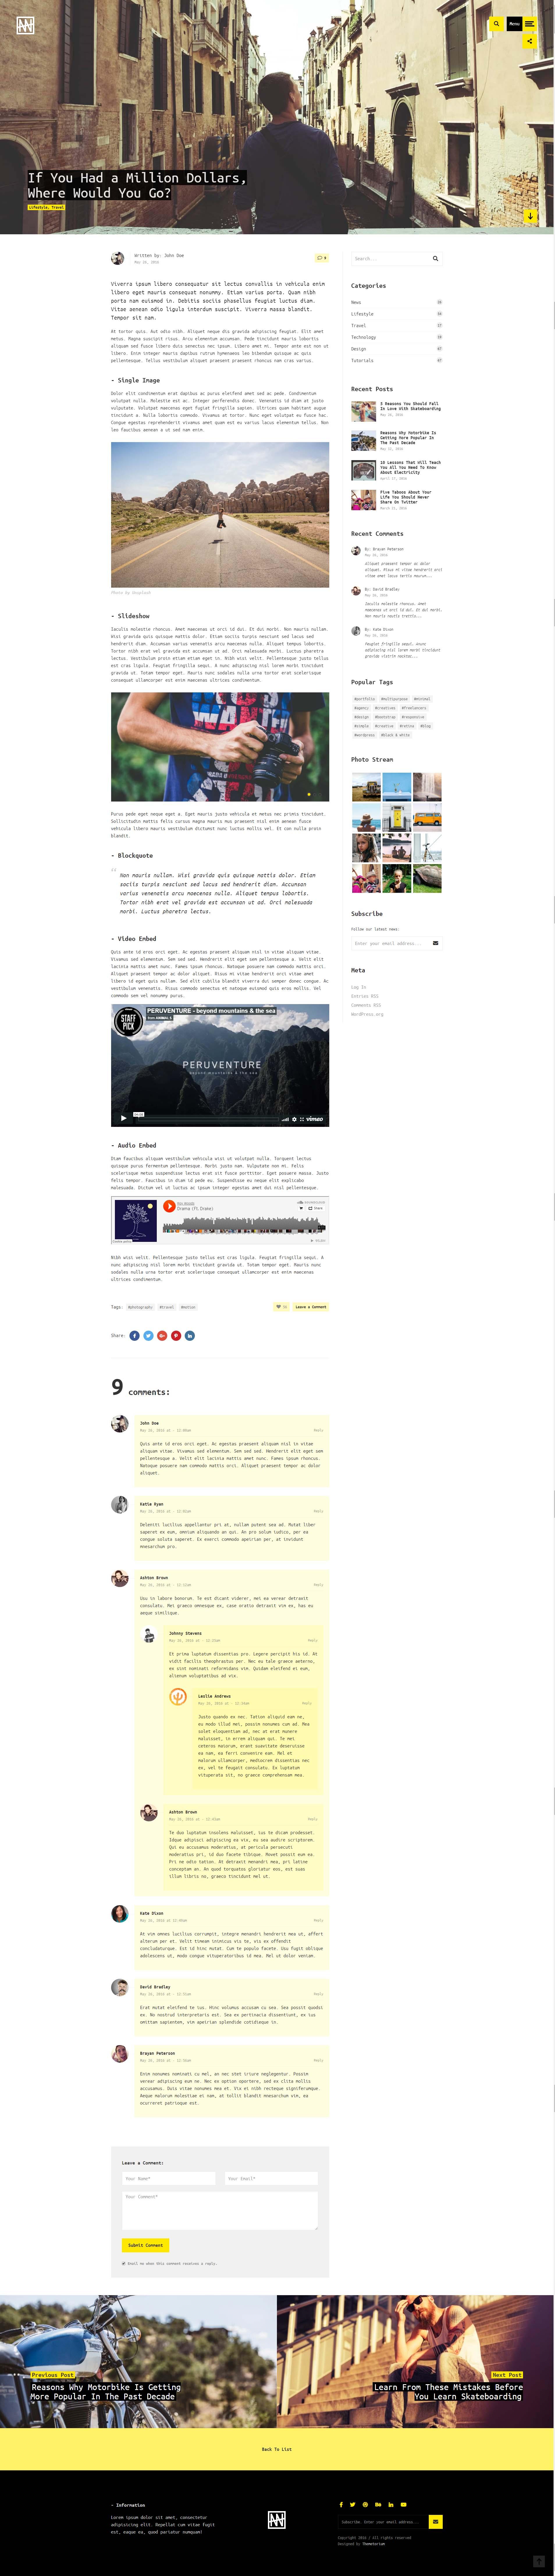 Waldo - Portfolio HTML Website Template for Freelancers & Agencies